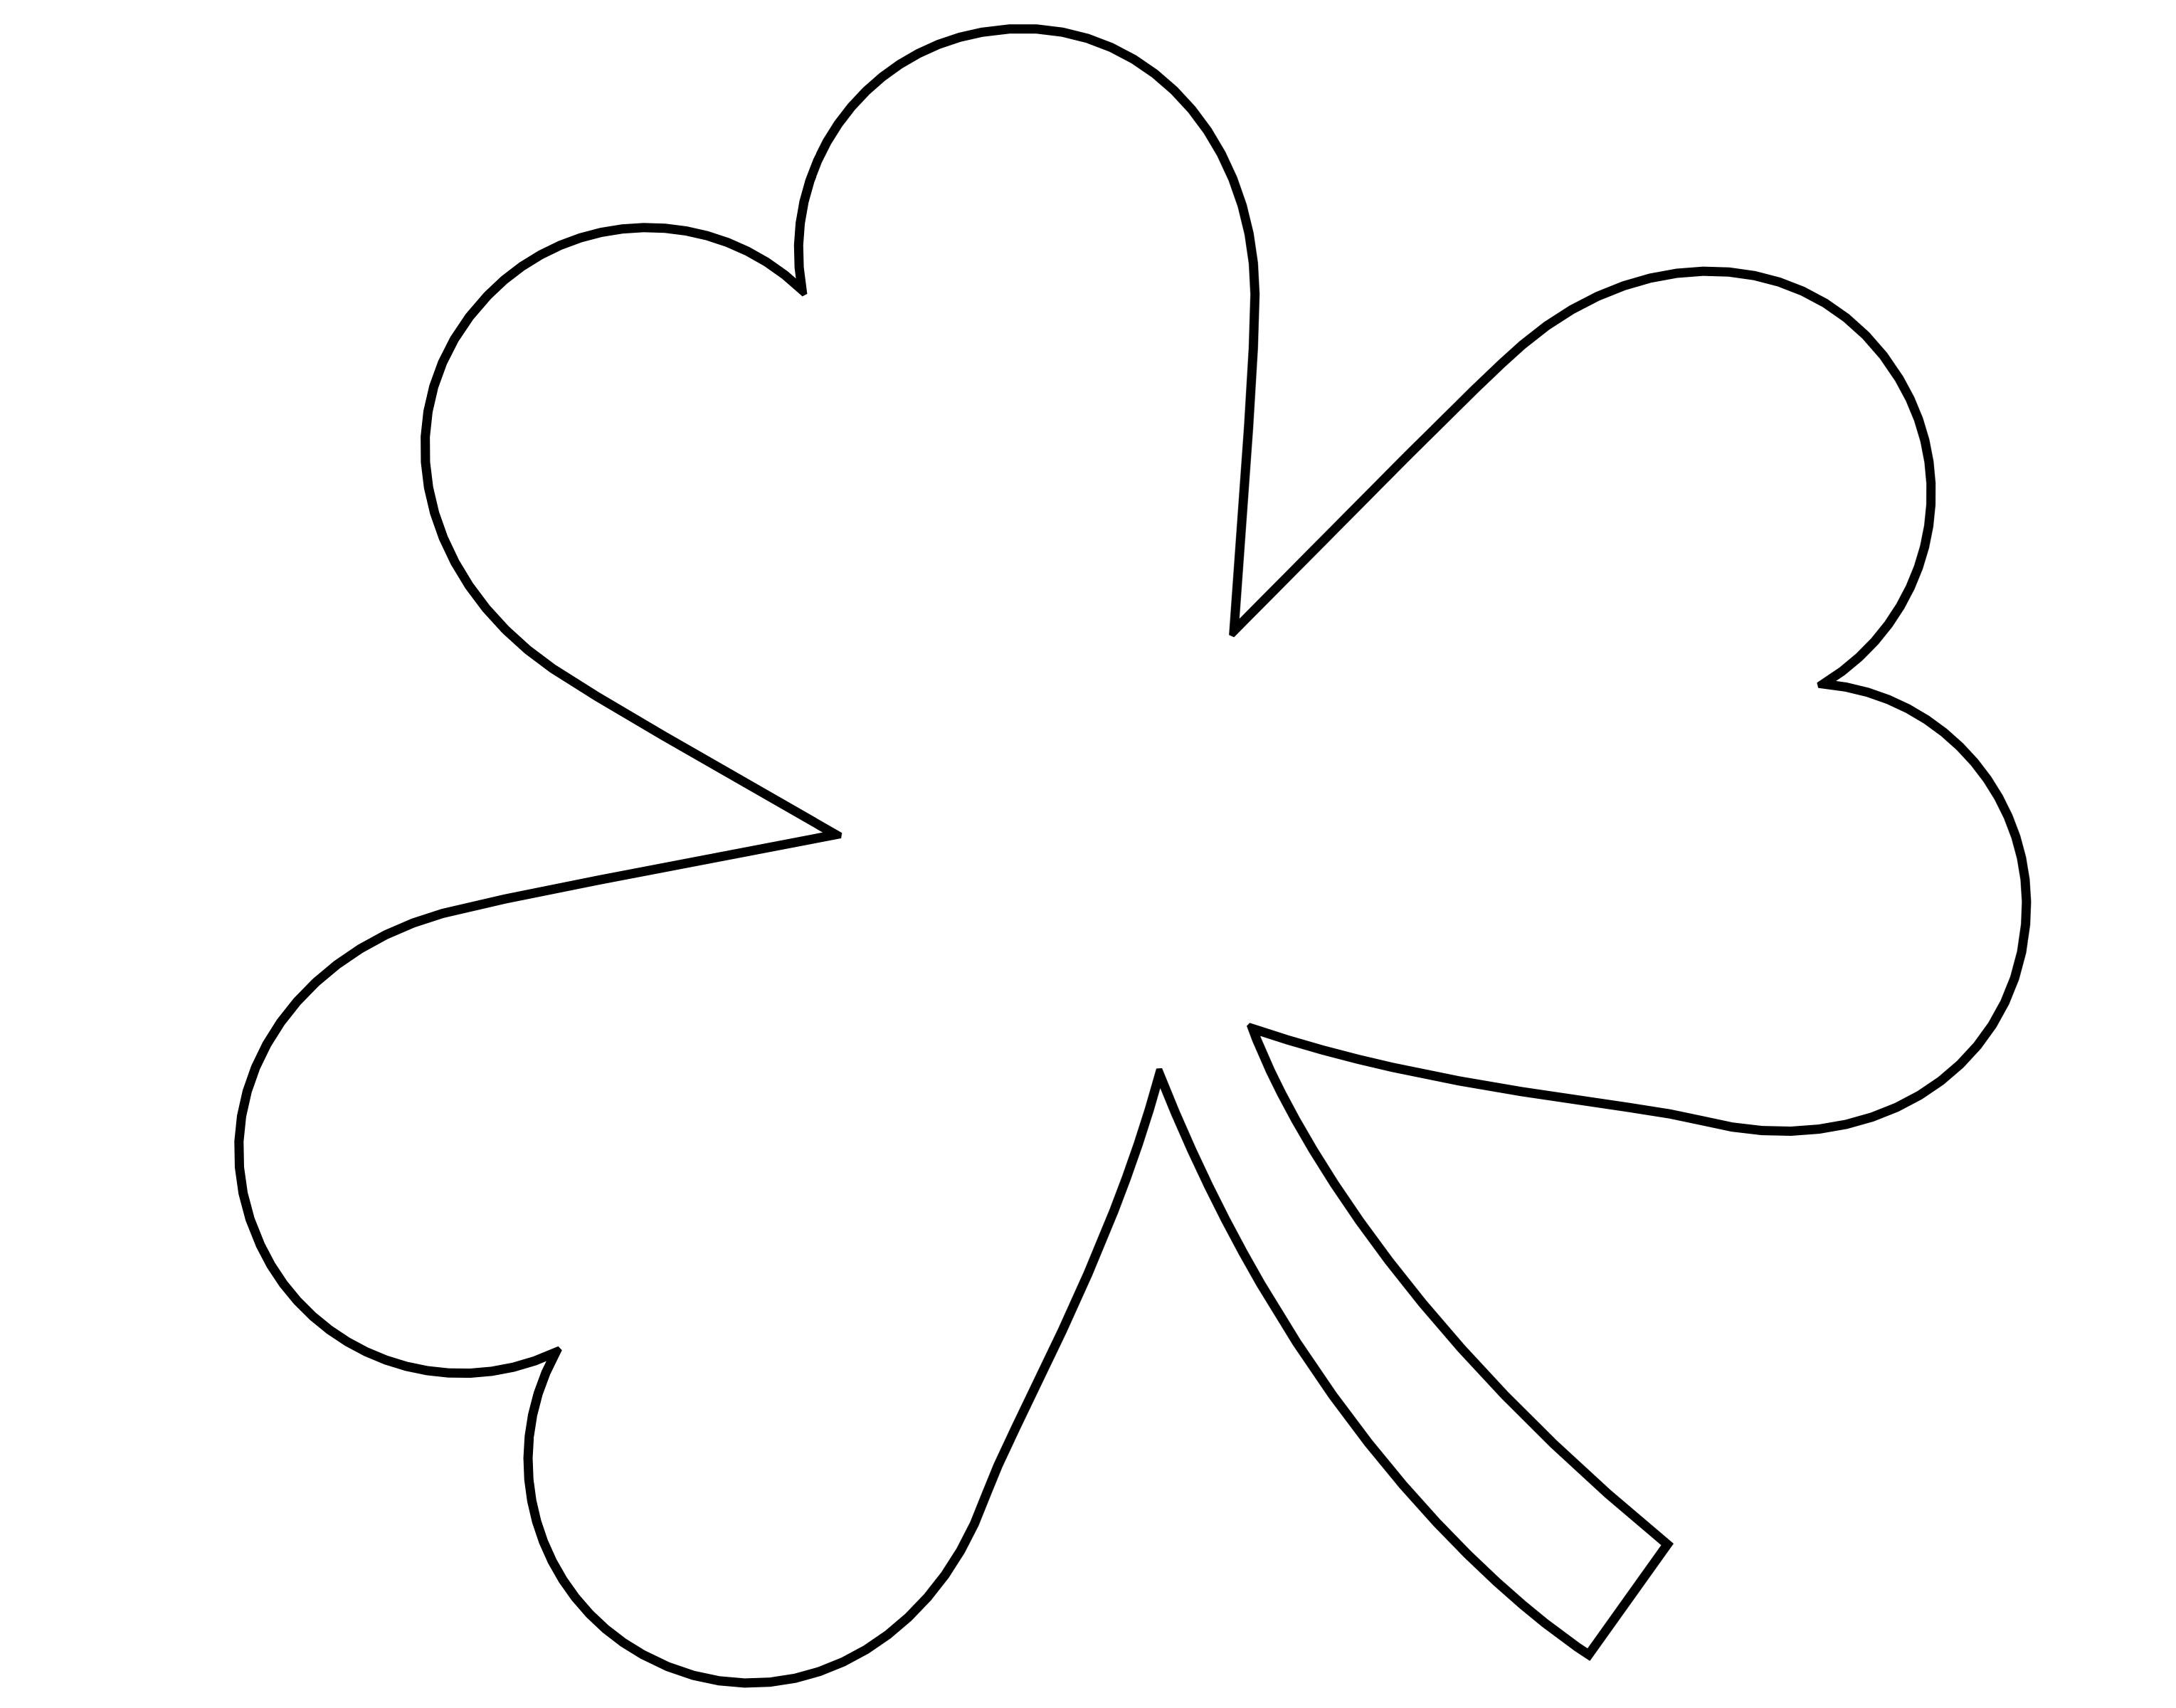 printable 4 leaf clover four leaf clover printables clipart best clover leaf printable 4